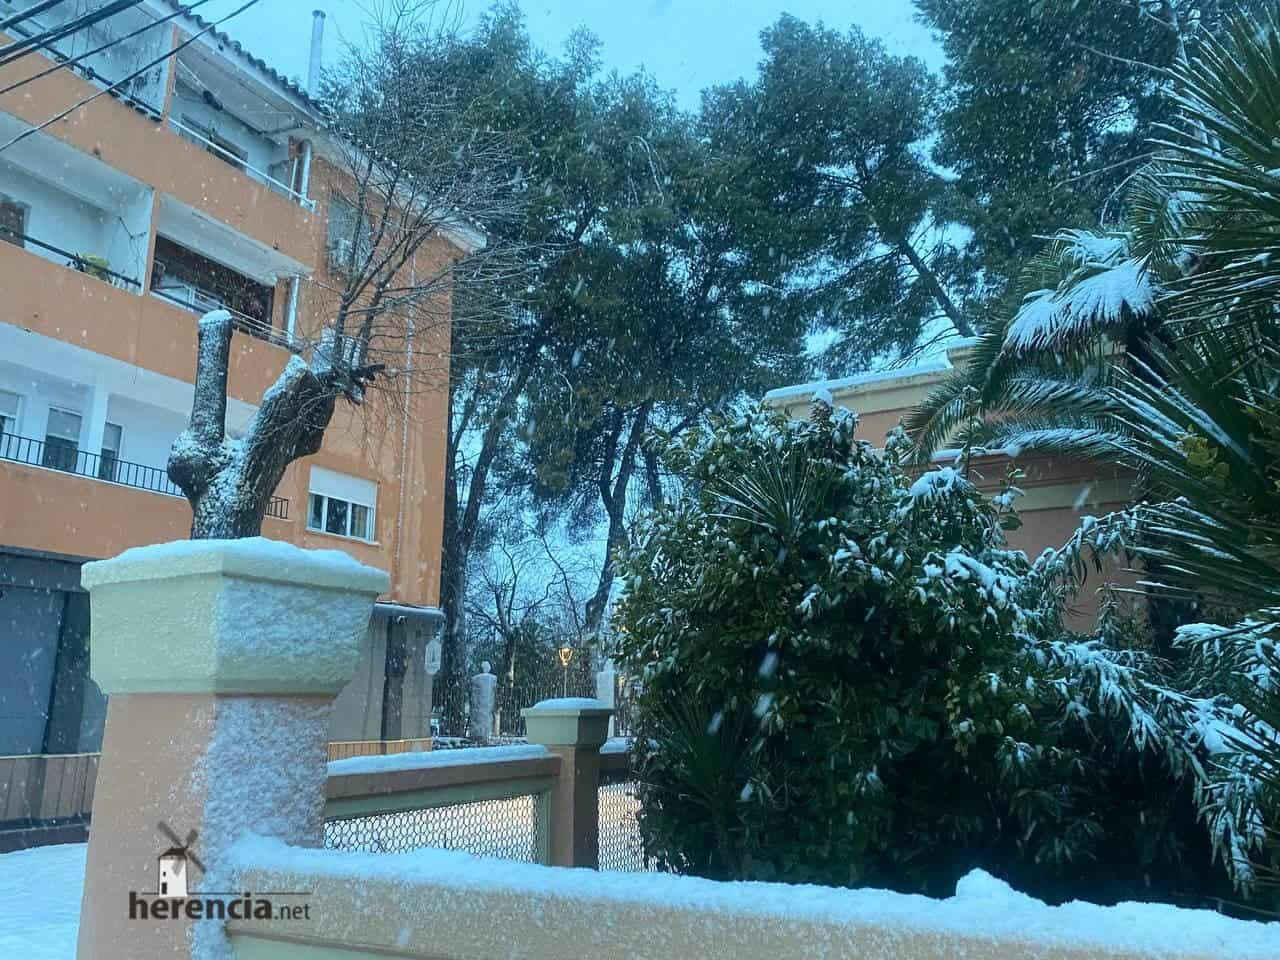 Fotografías de la nevada en Herencia (Ciudad Real) 59